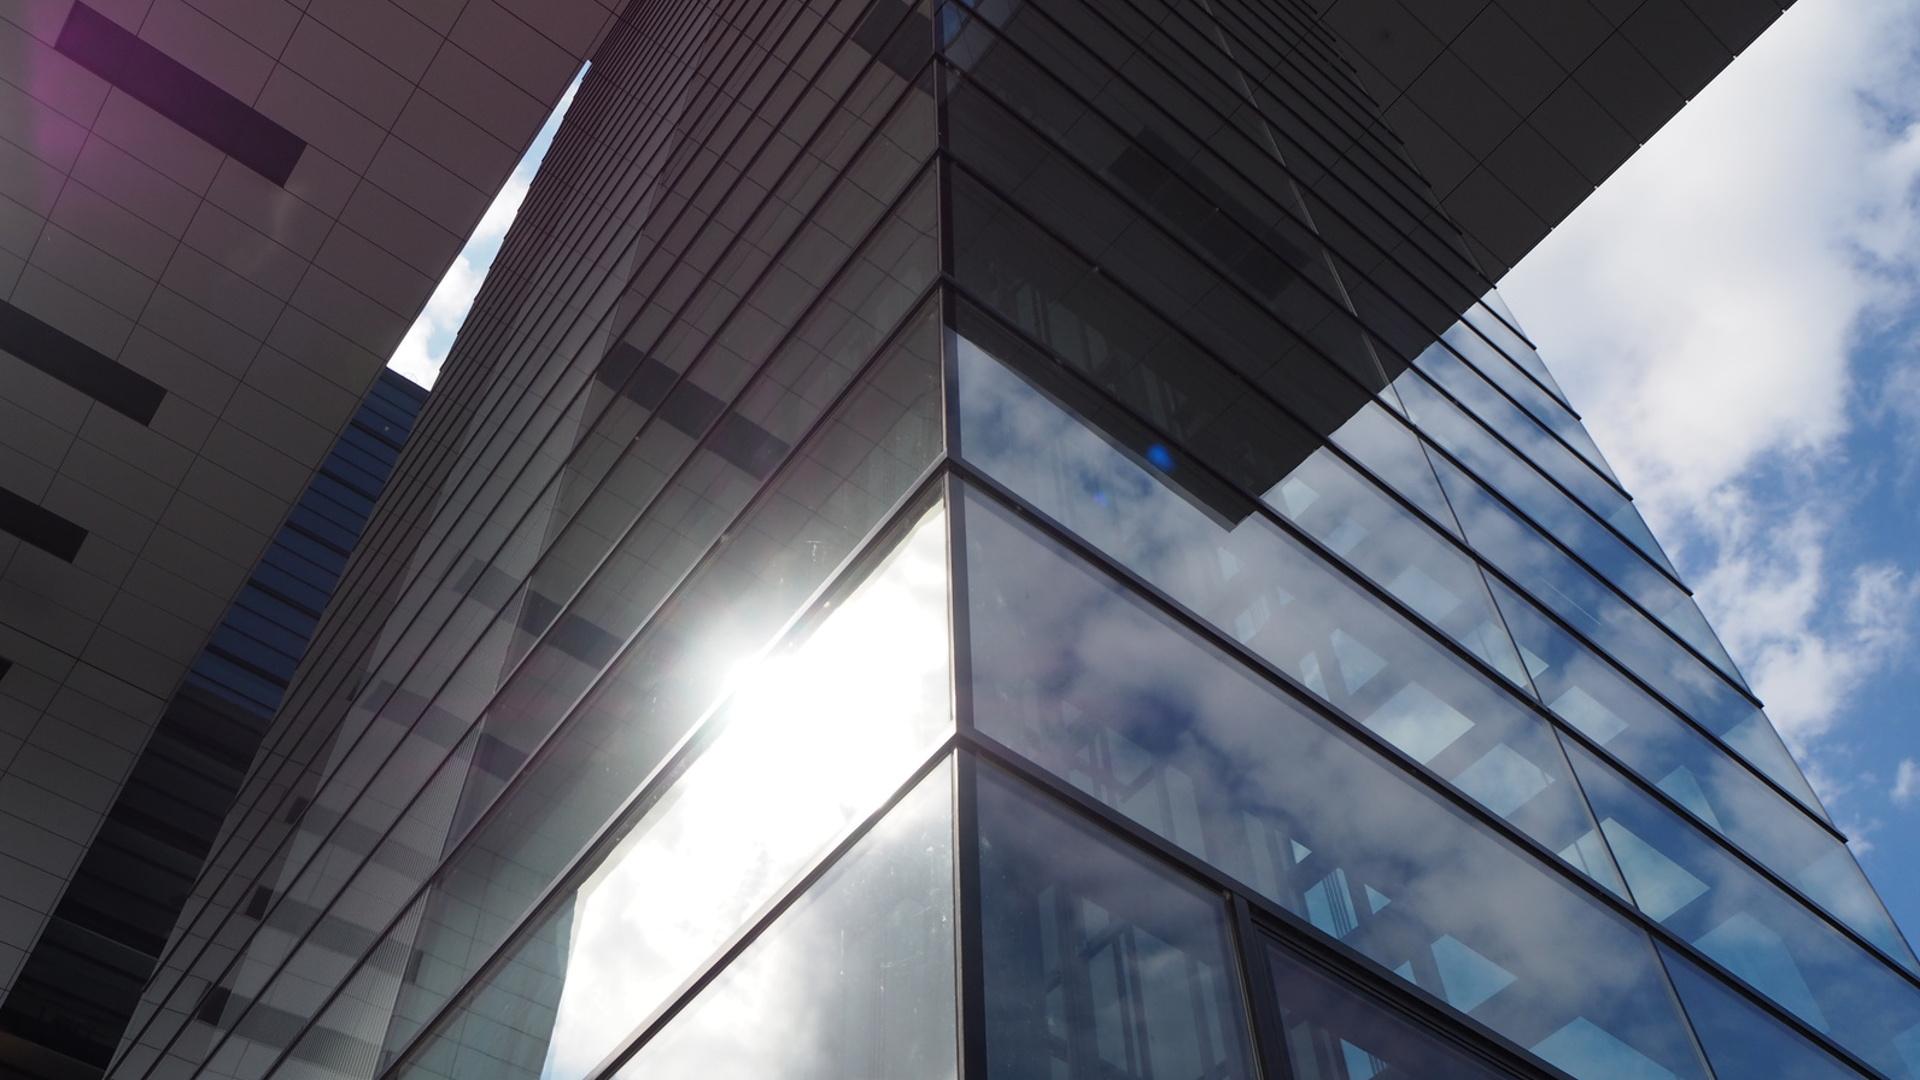 lamina-solar-exterior-o-interior-cual-es-mejor-1920.jpg